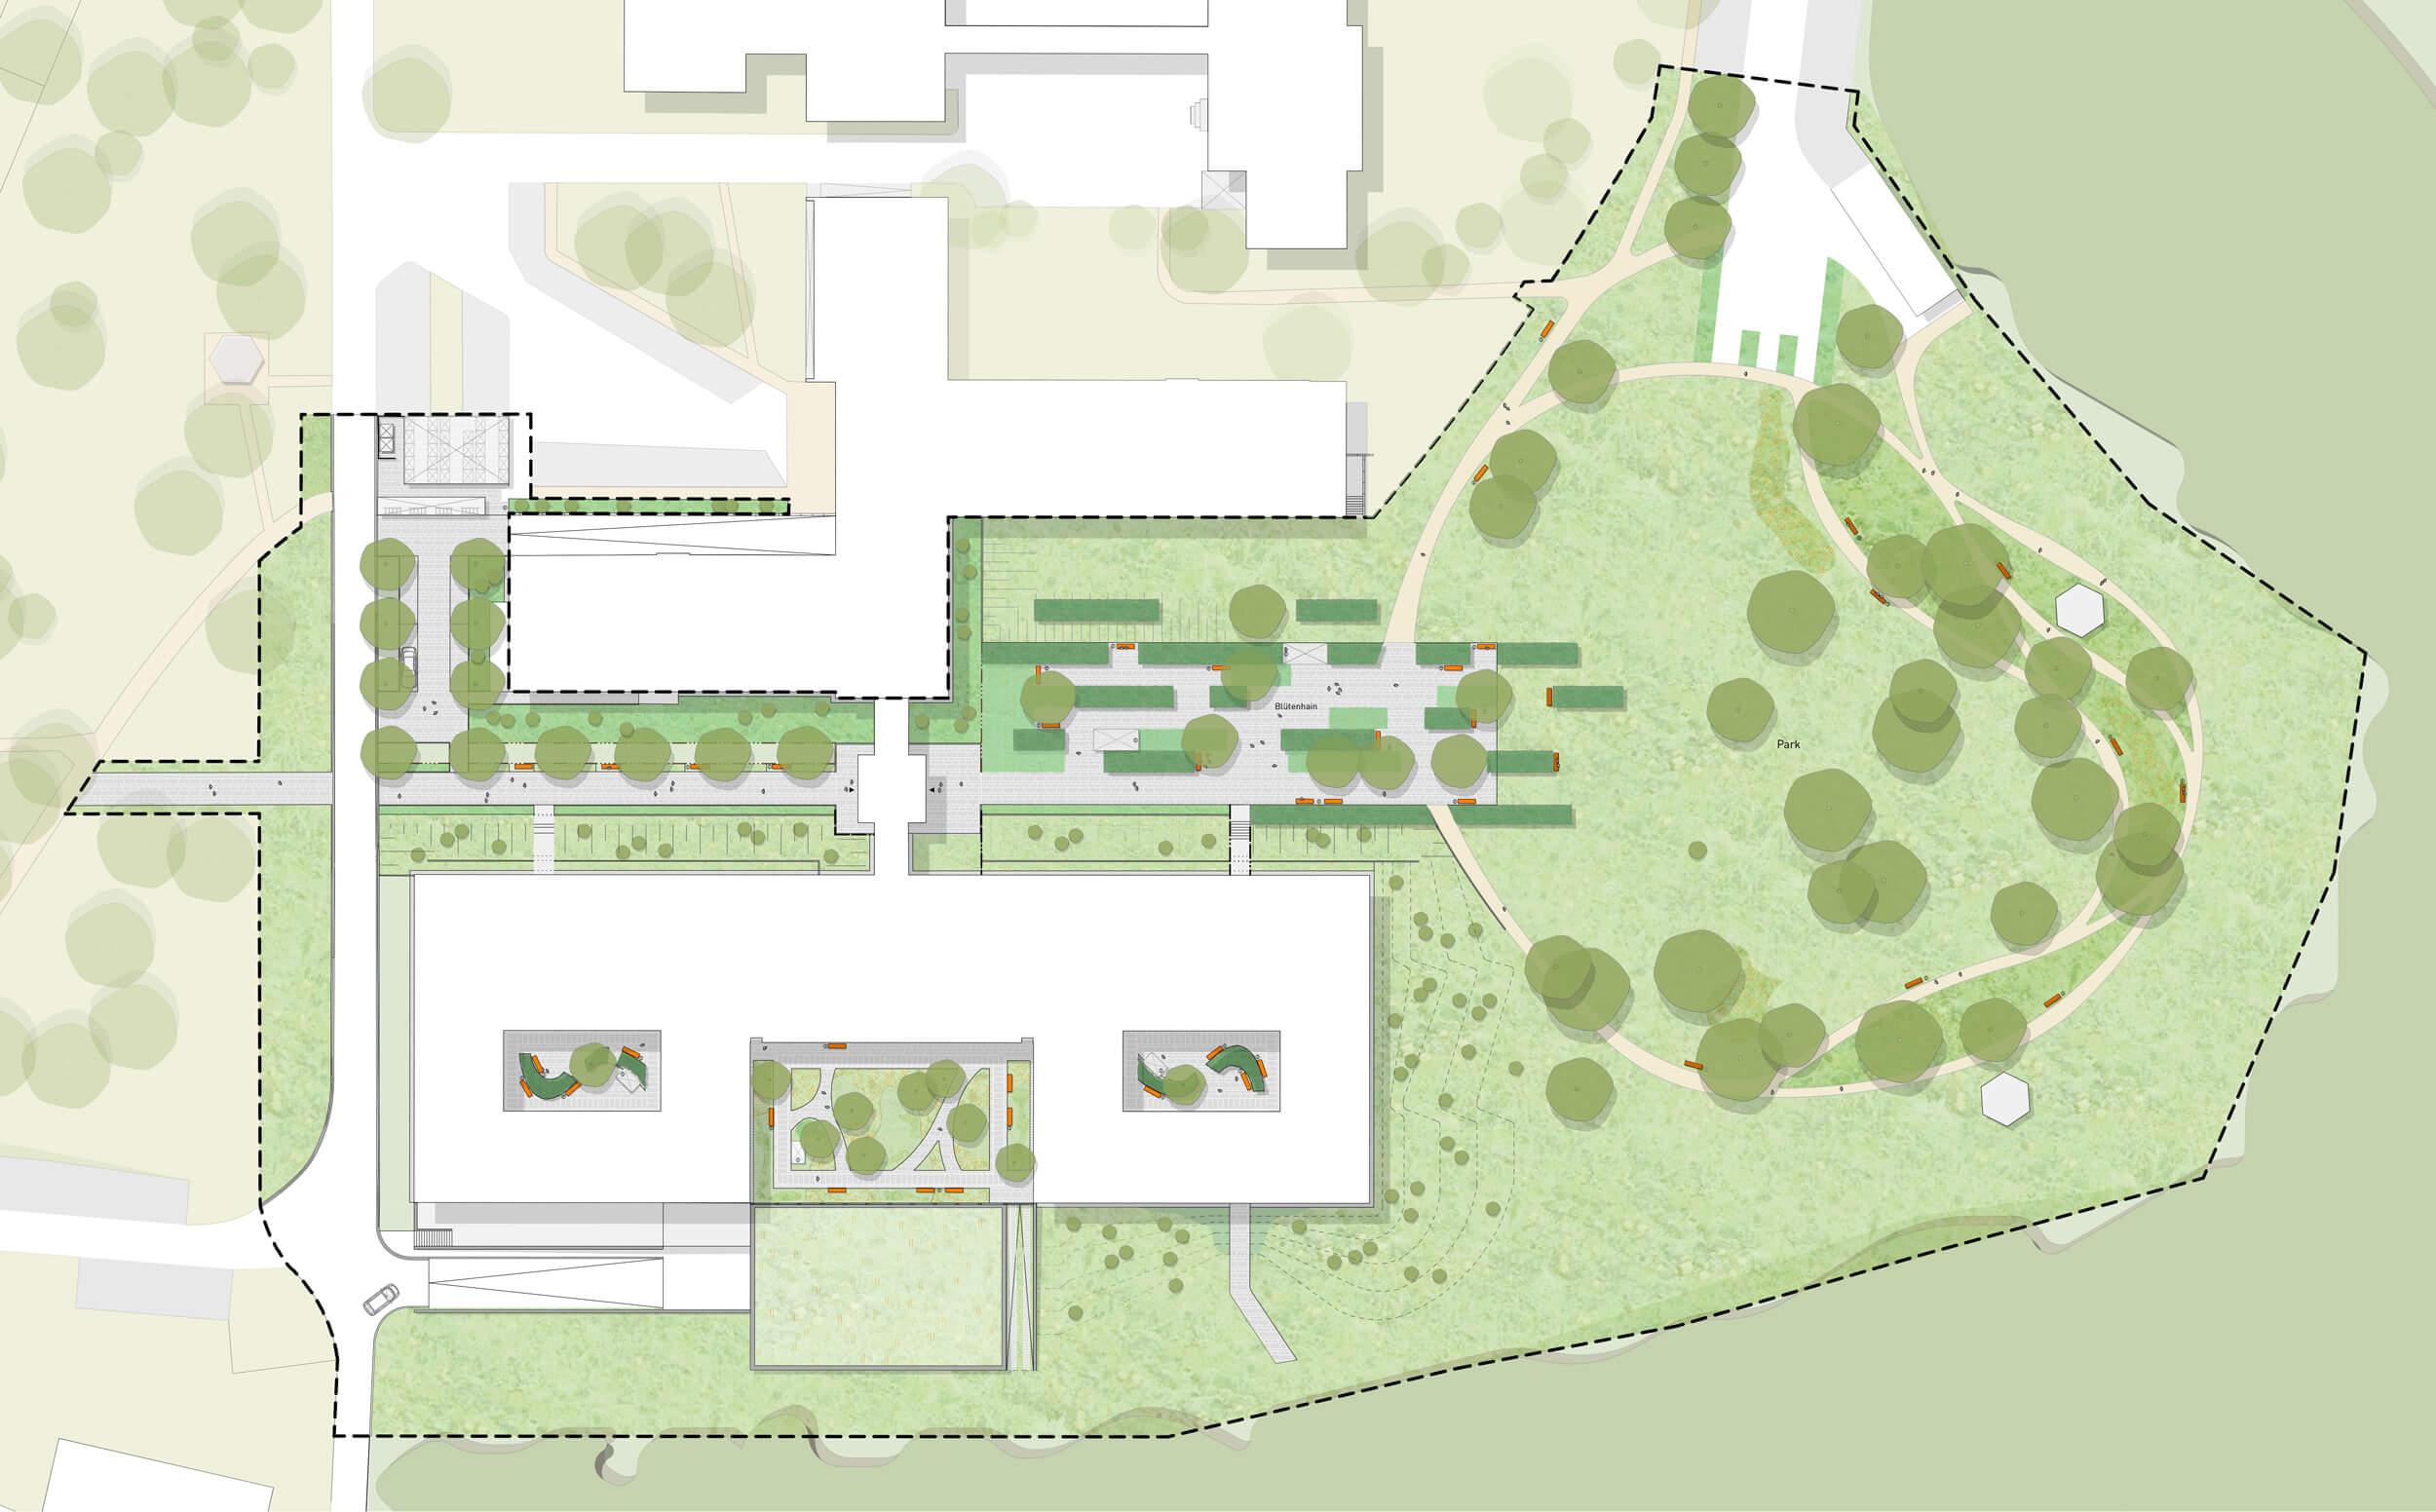 Entwurfsplan Freianlagen LVR-Klinik Langenfeld